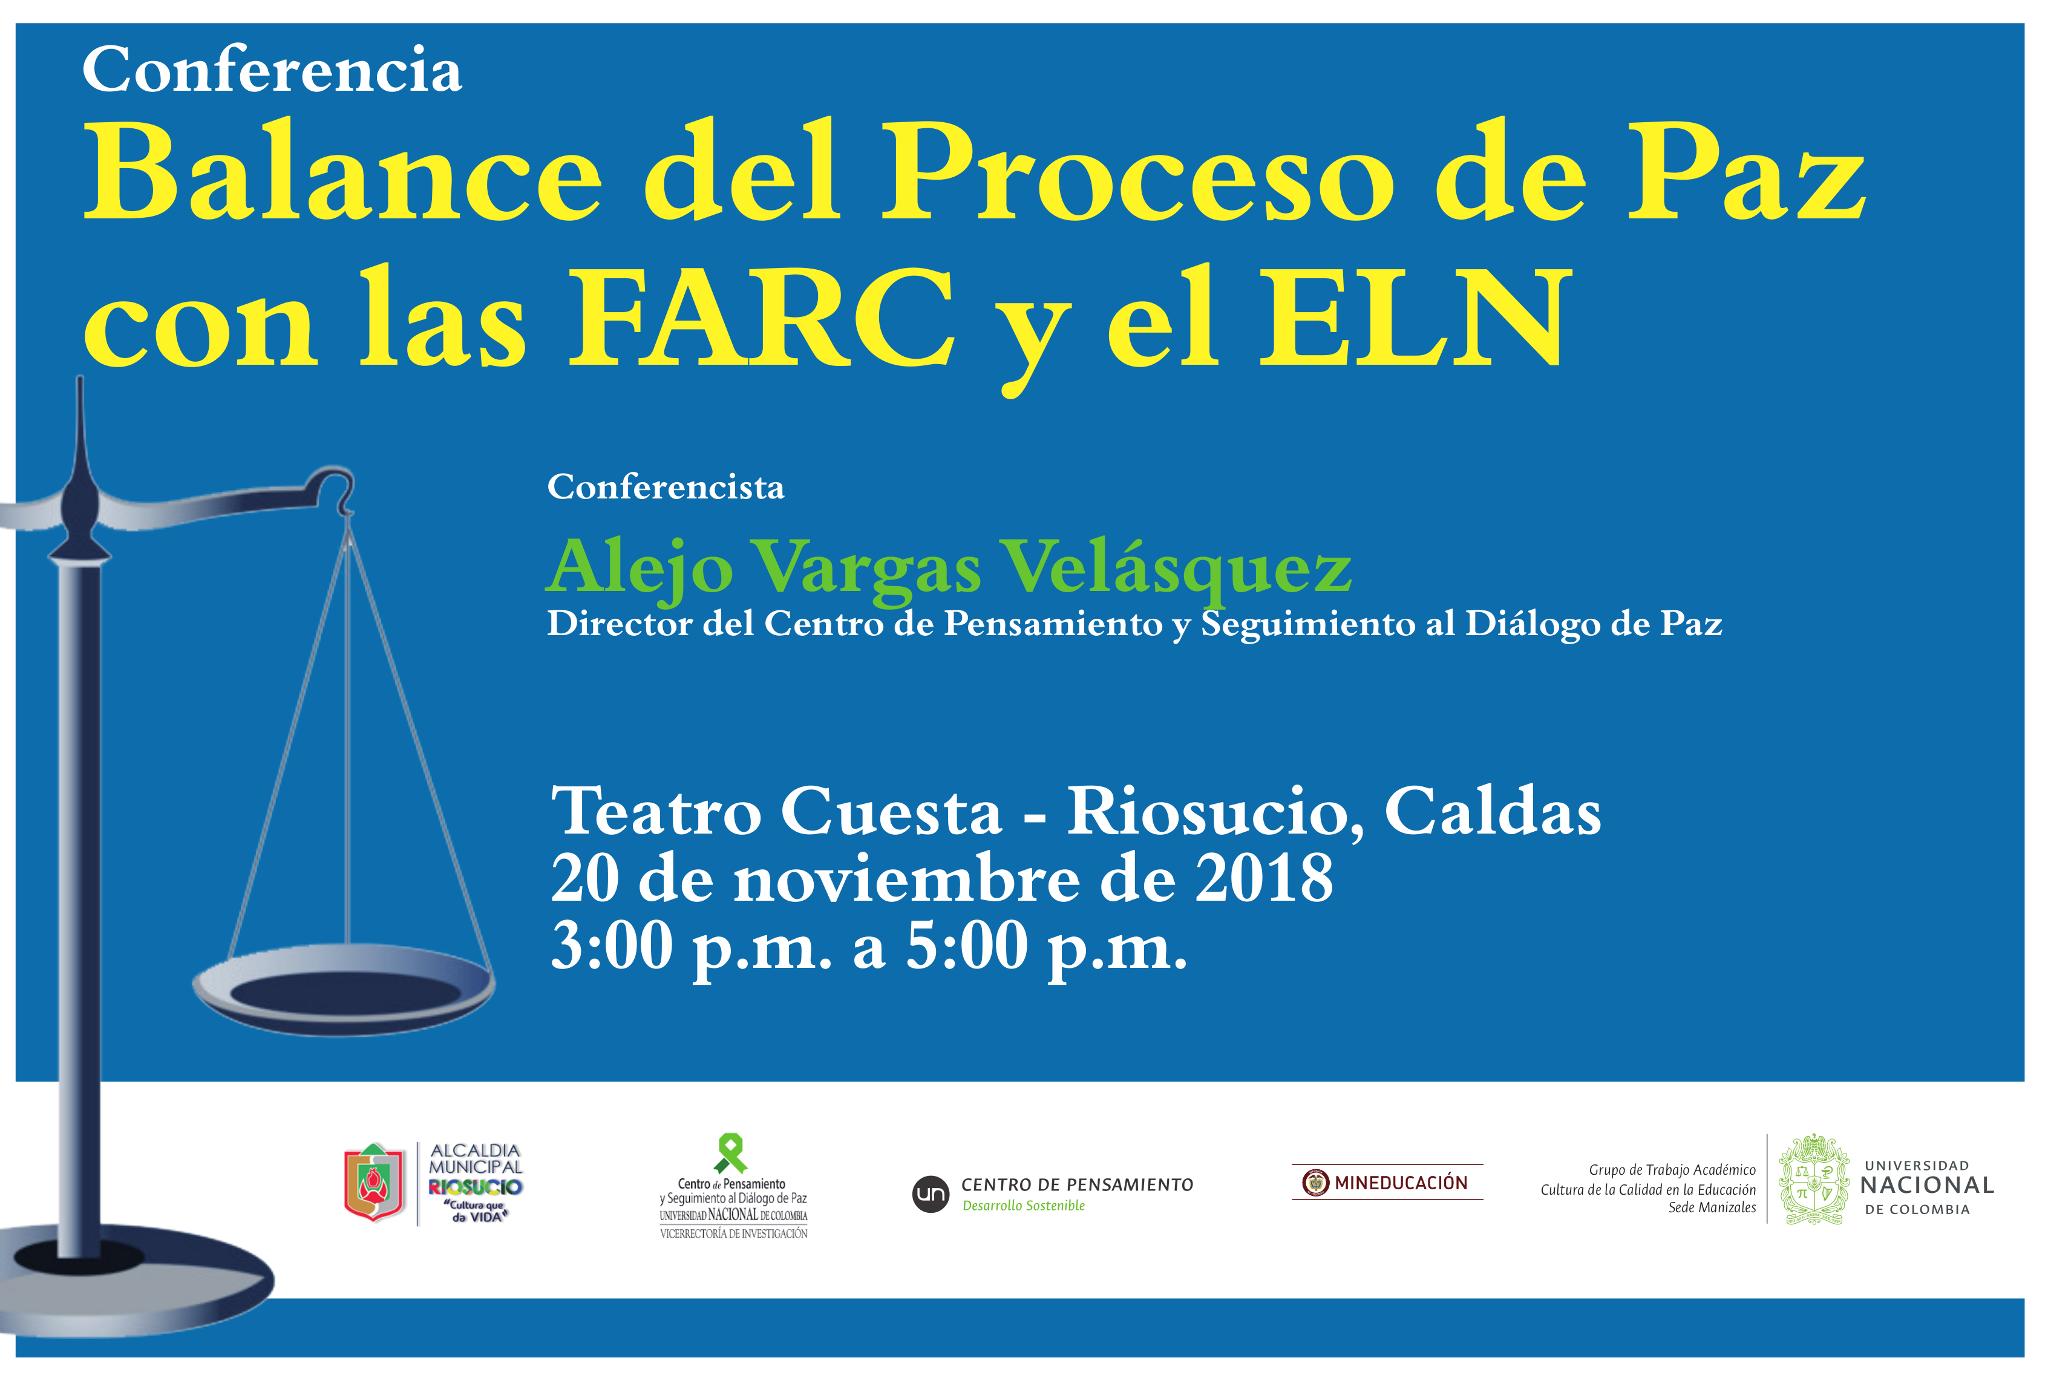 Conferencia «Balance del Proceso de Paz con las Farc y el ELN»